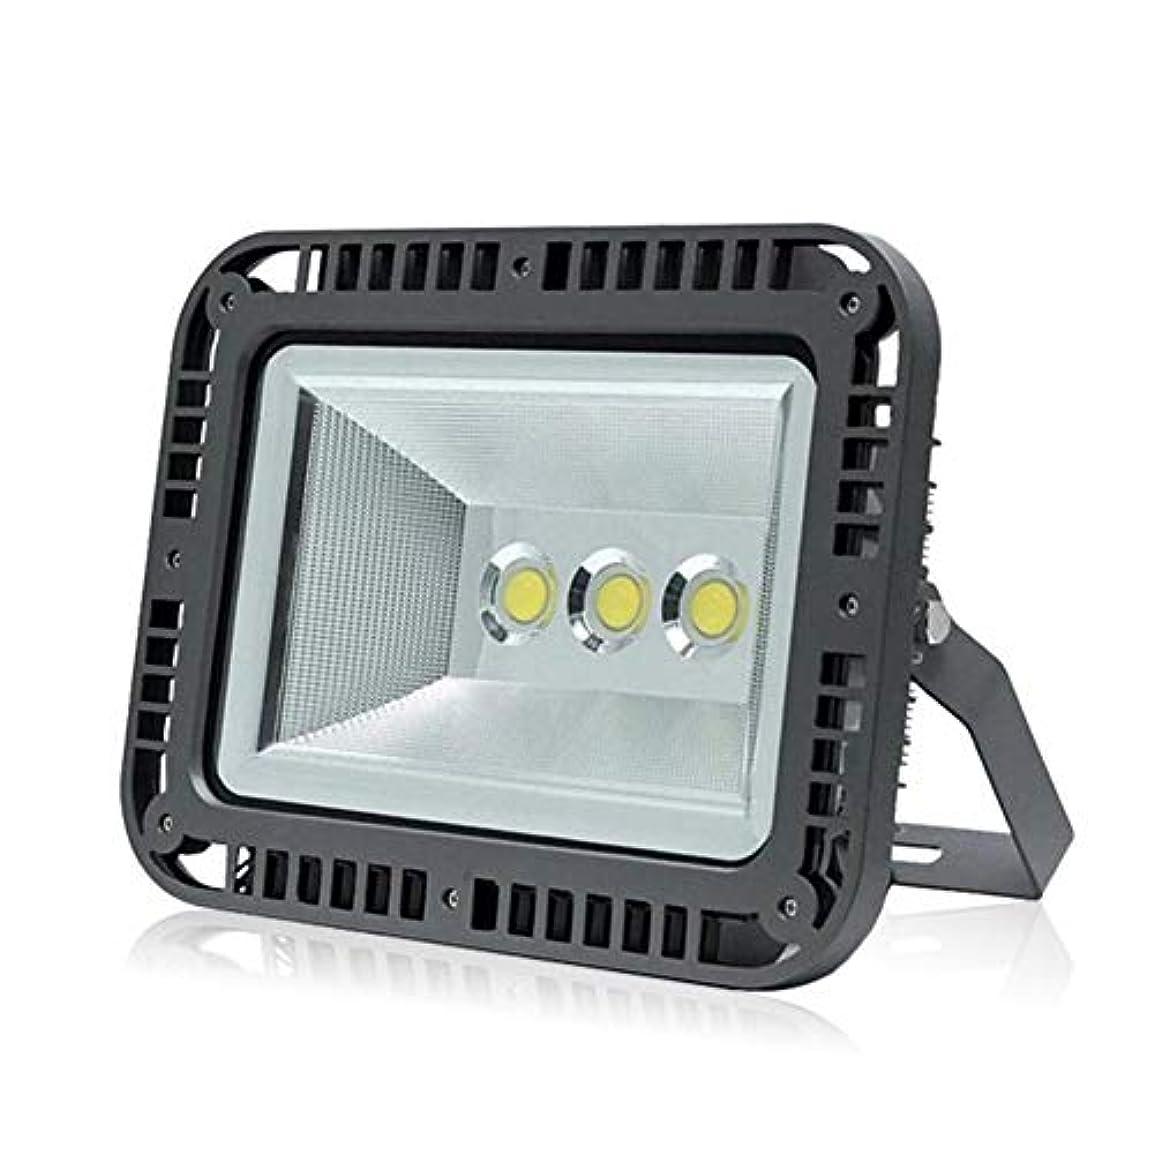 近代化するディスカウント電話に出る防犯灯投光器LED防水IP67 10000-23000 LM投影ランプCOB150Wハイビーム投光器、公園広場、スタジアムなどに適しています